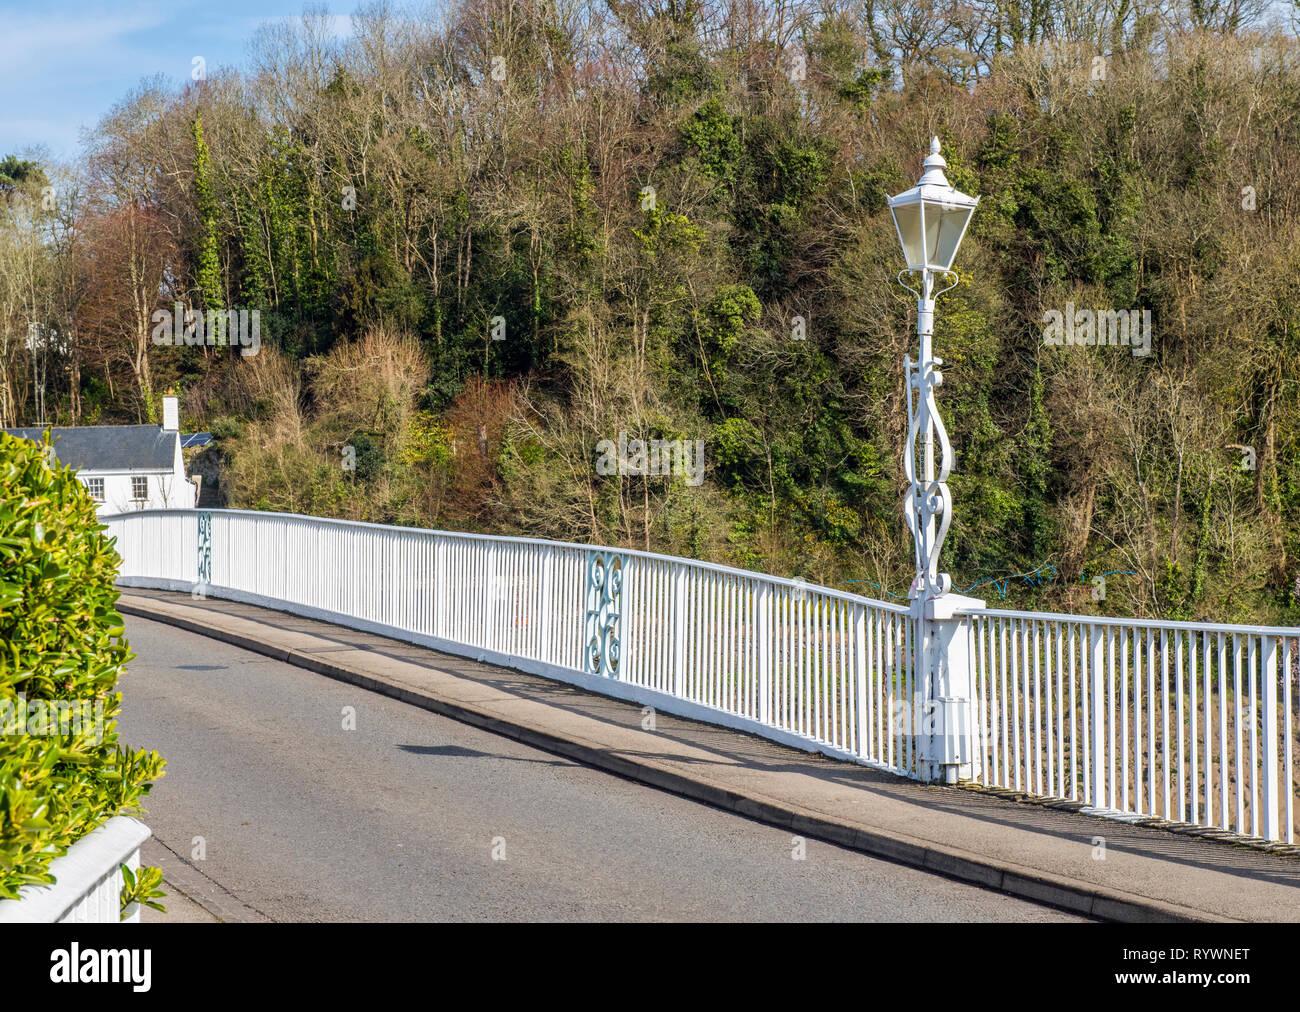 El viejo puente de hierro que separa el País de Gales de Inglaterra sobre el río Wye en Chepstow desde el lado de Gales Foto de stock